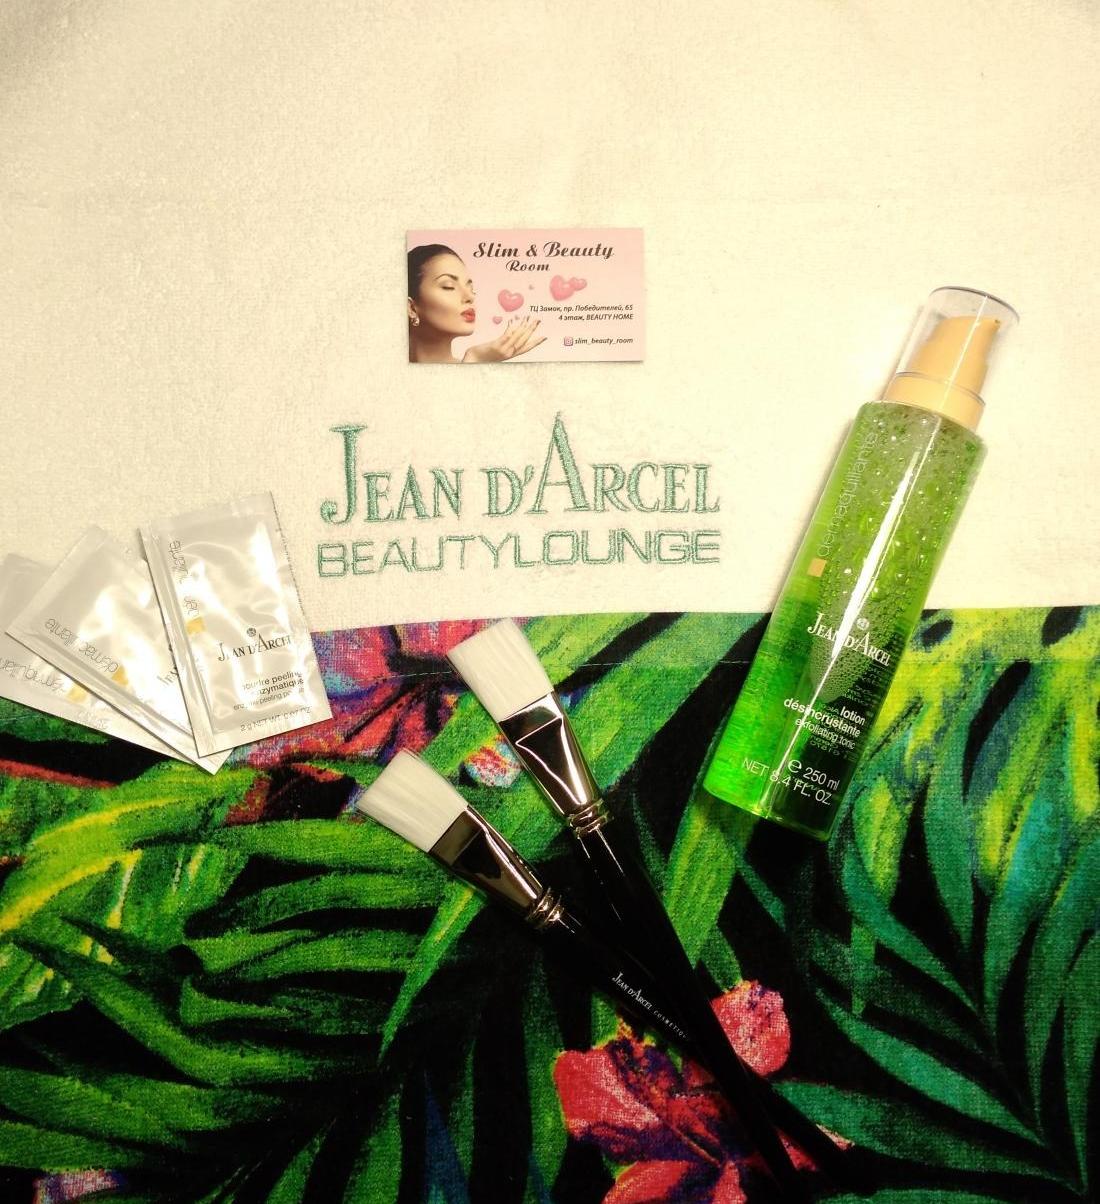 """Чистка лица """"Jean d'Arce"""", всесезонные пилинги, уходы за лицом от 19 руб. в """"Slim&Beauty"""""""